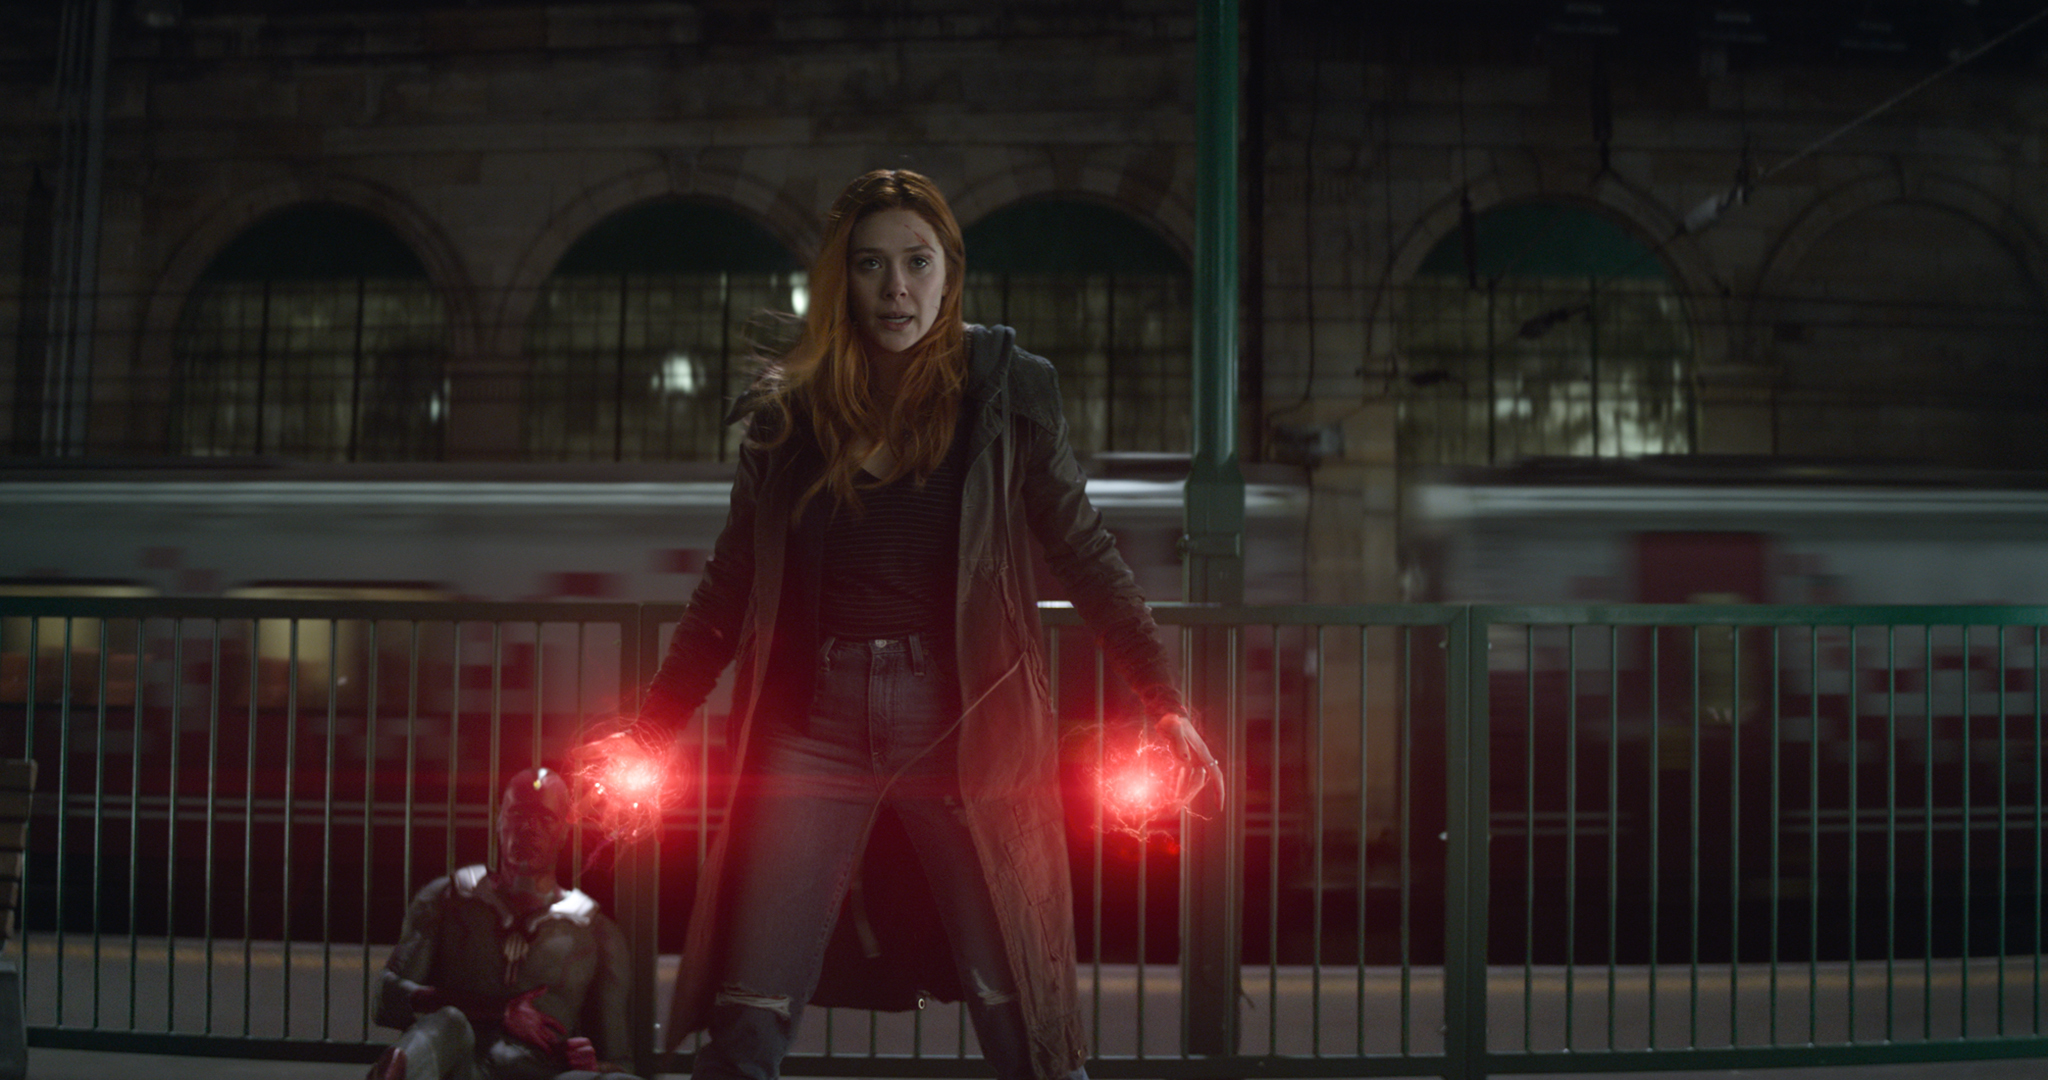 Avengers: Infinity War (2018) - Images - IMDb